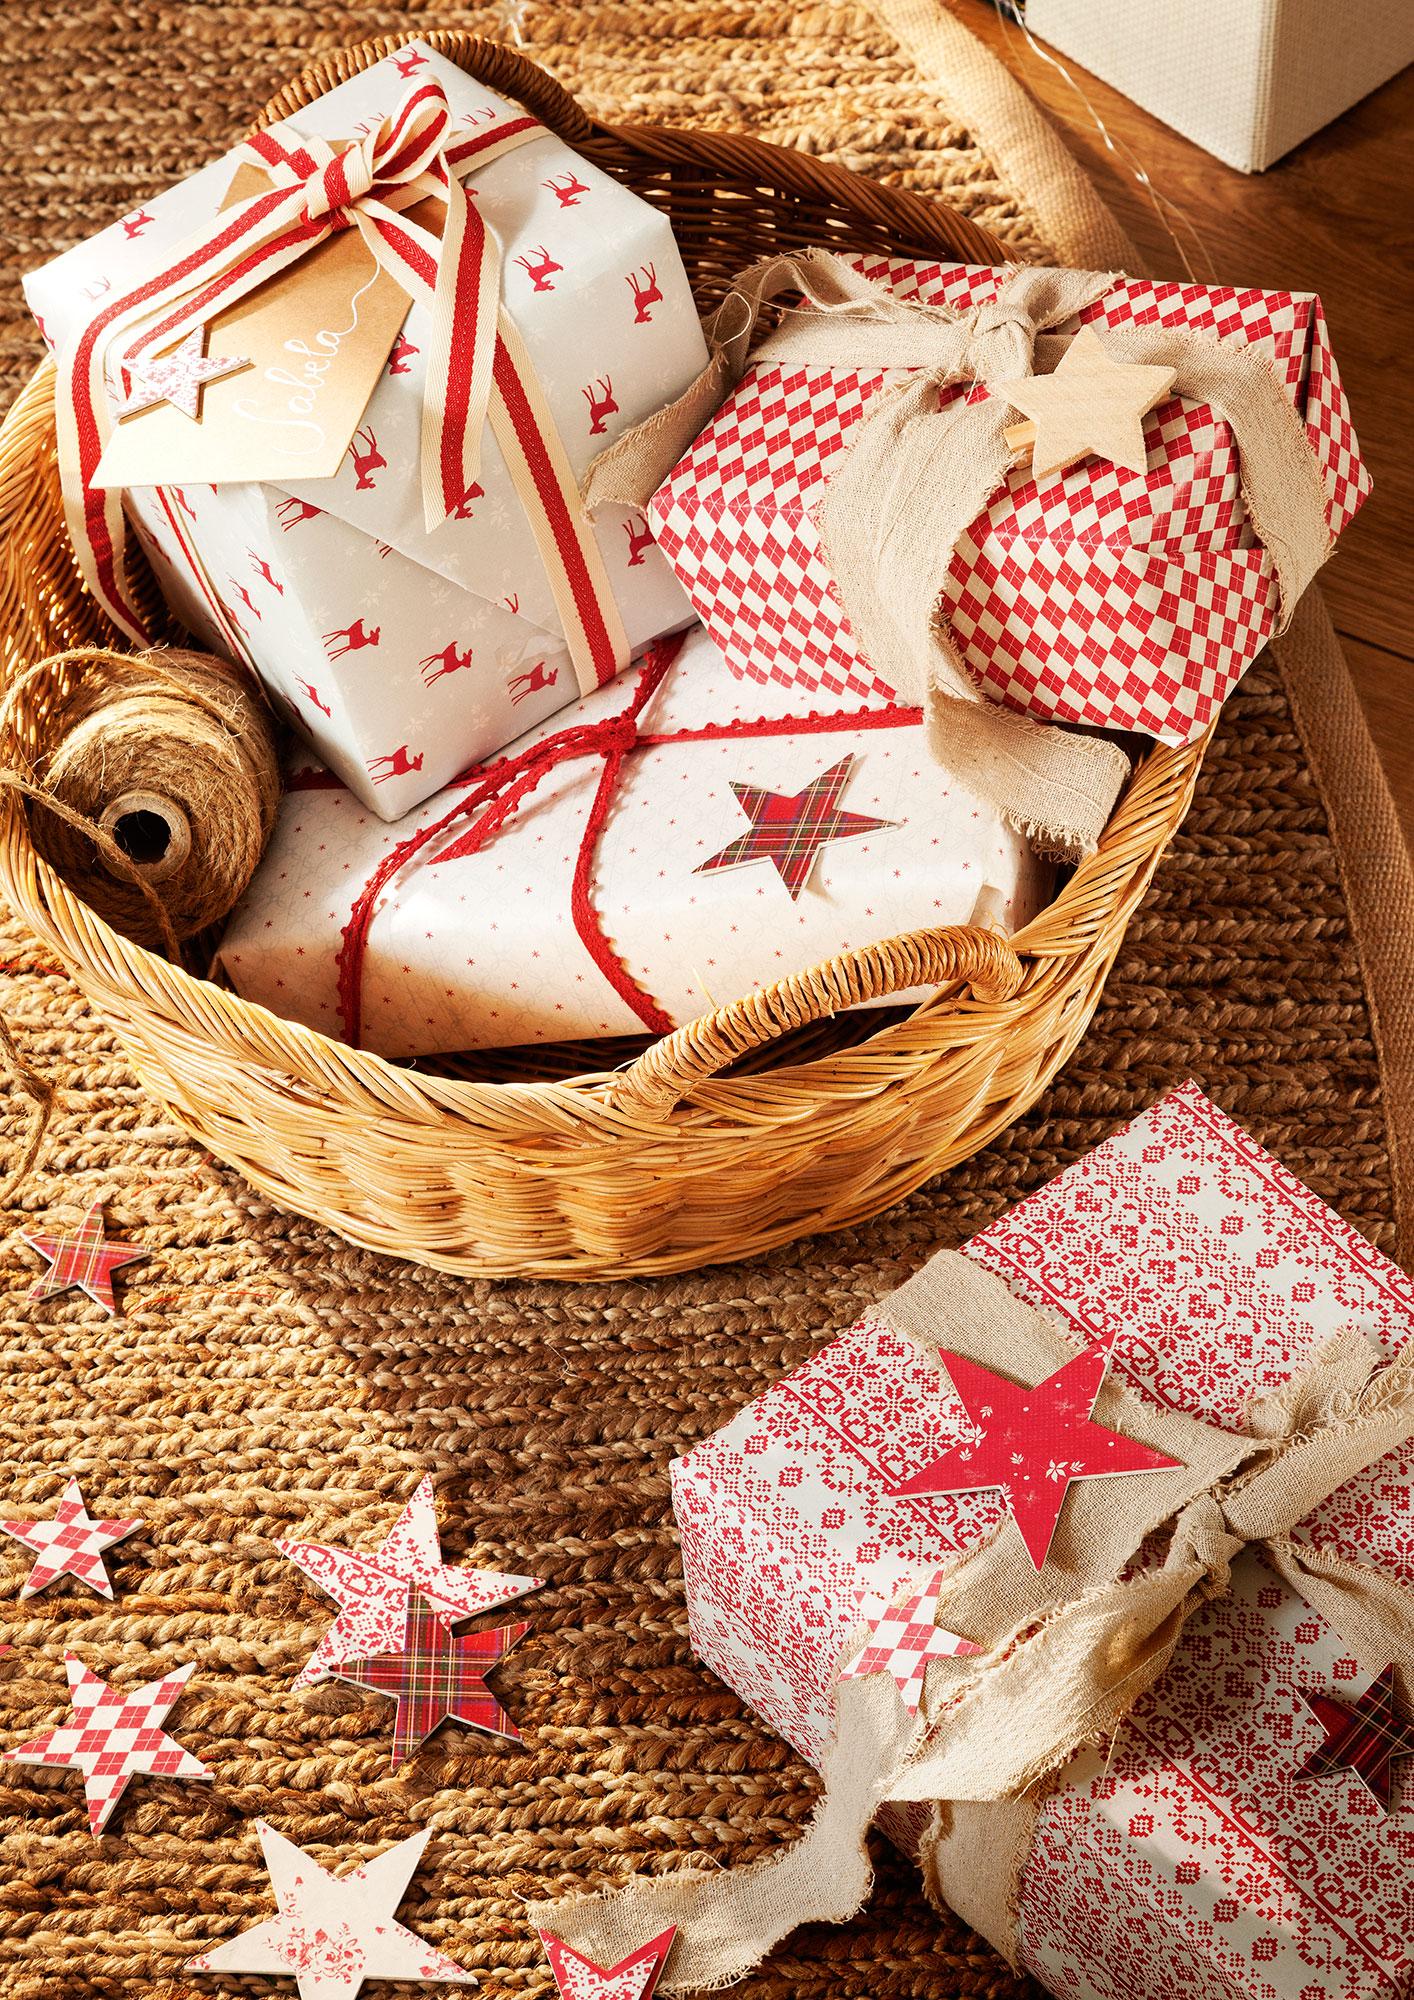 M S De 15 Ideas Para Envolver Los Regalos Por Navidad ~ Regalos Originales Para Navidad Manualidades